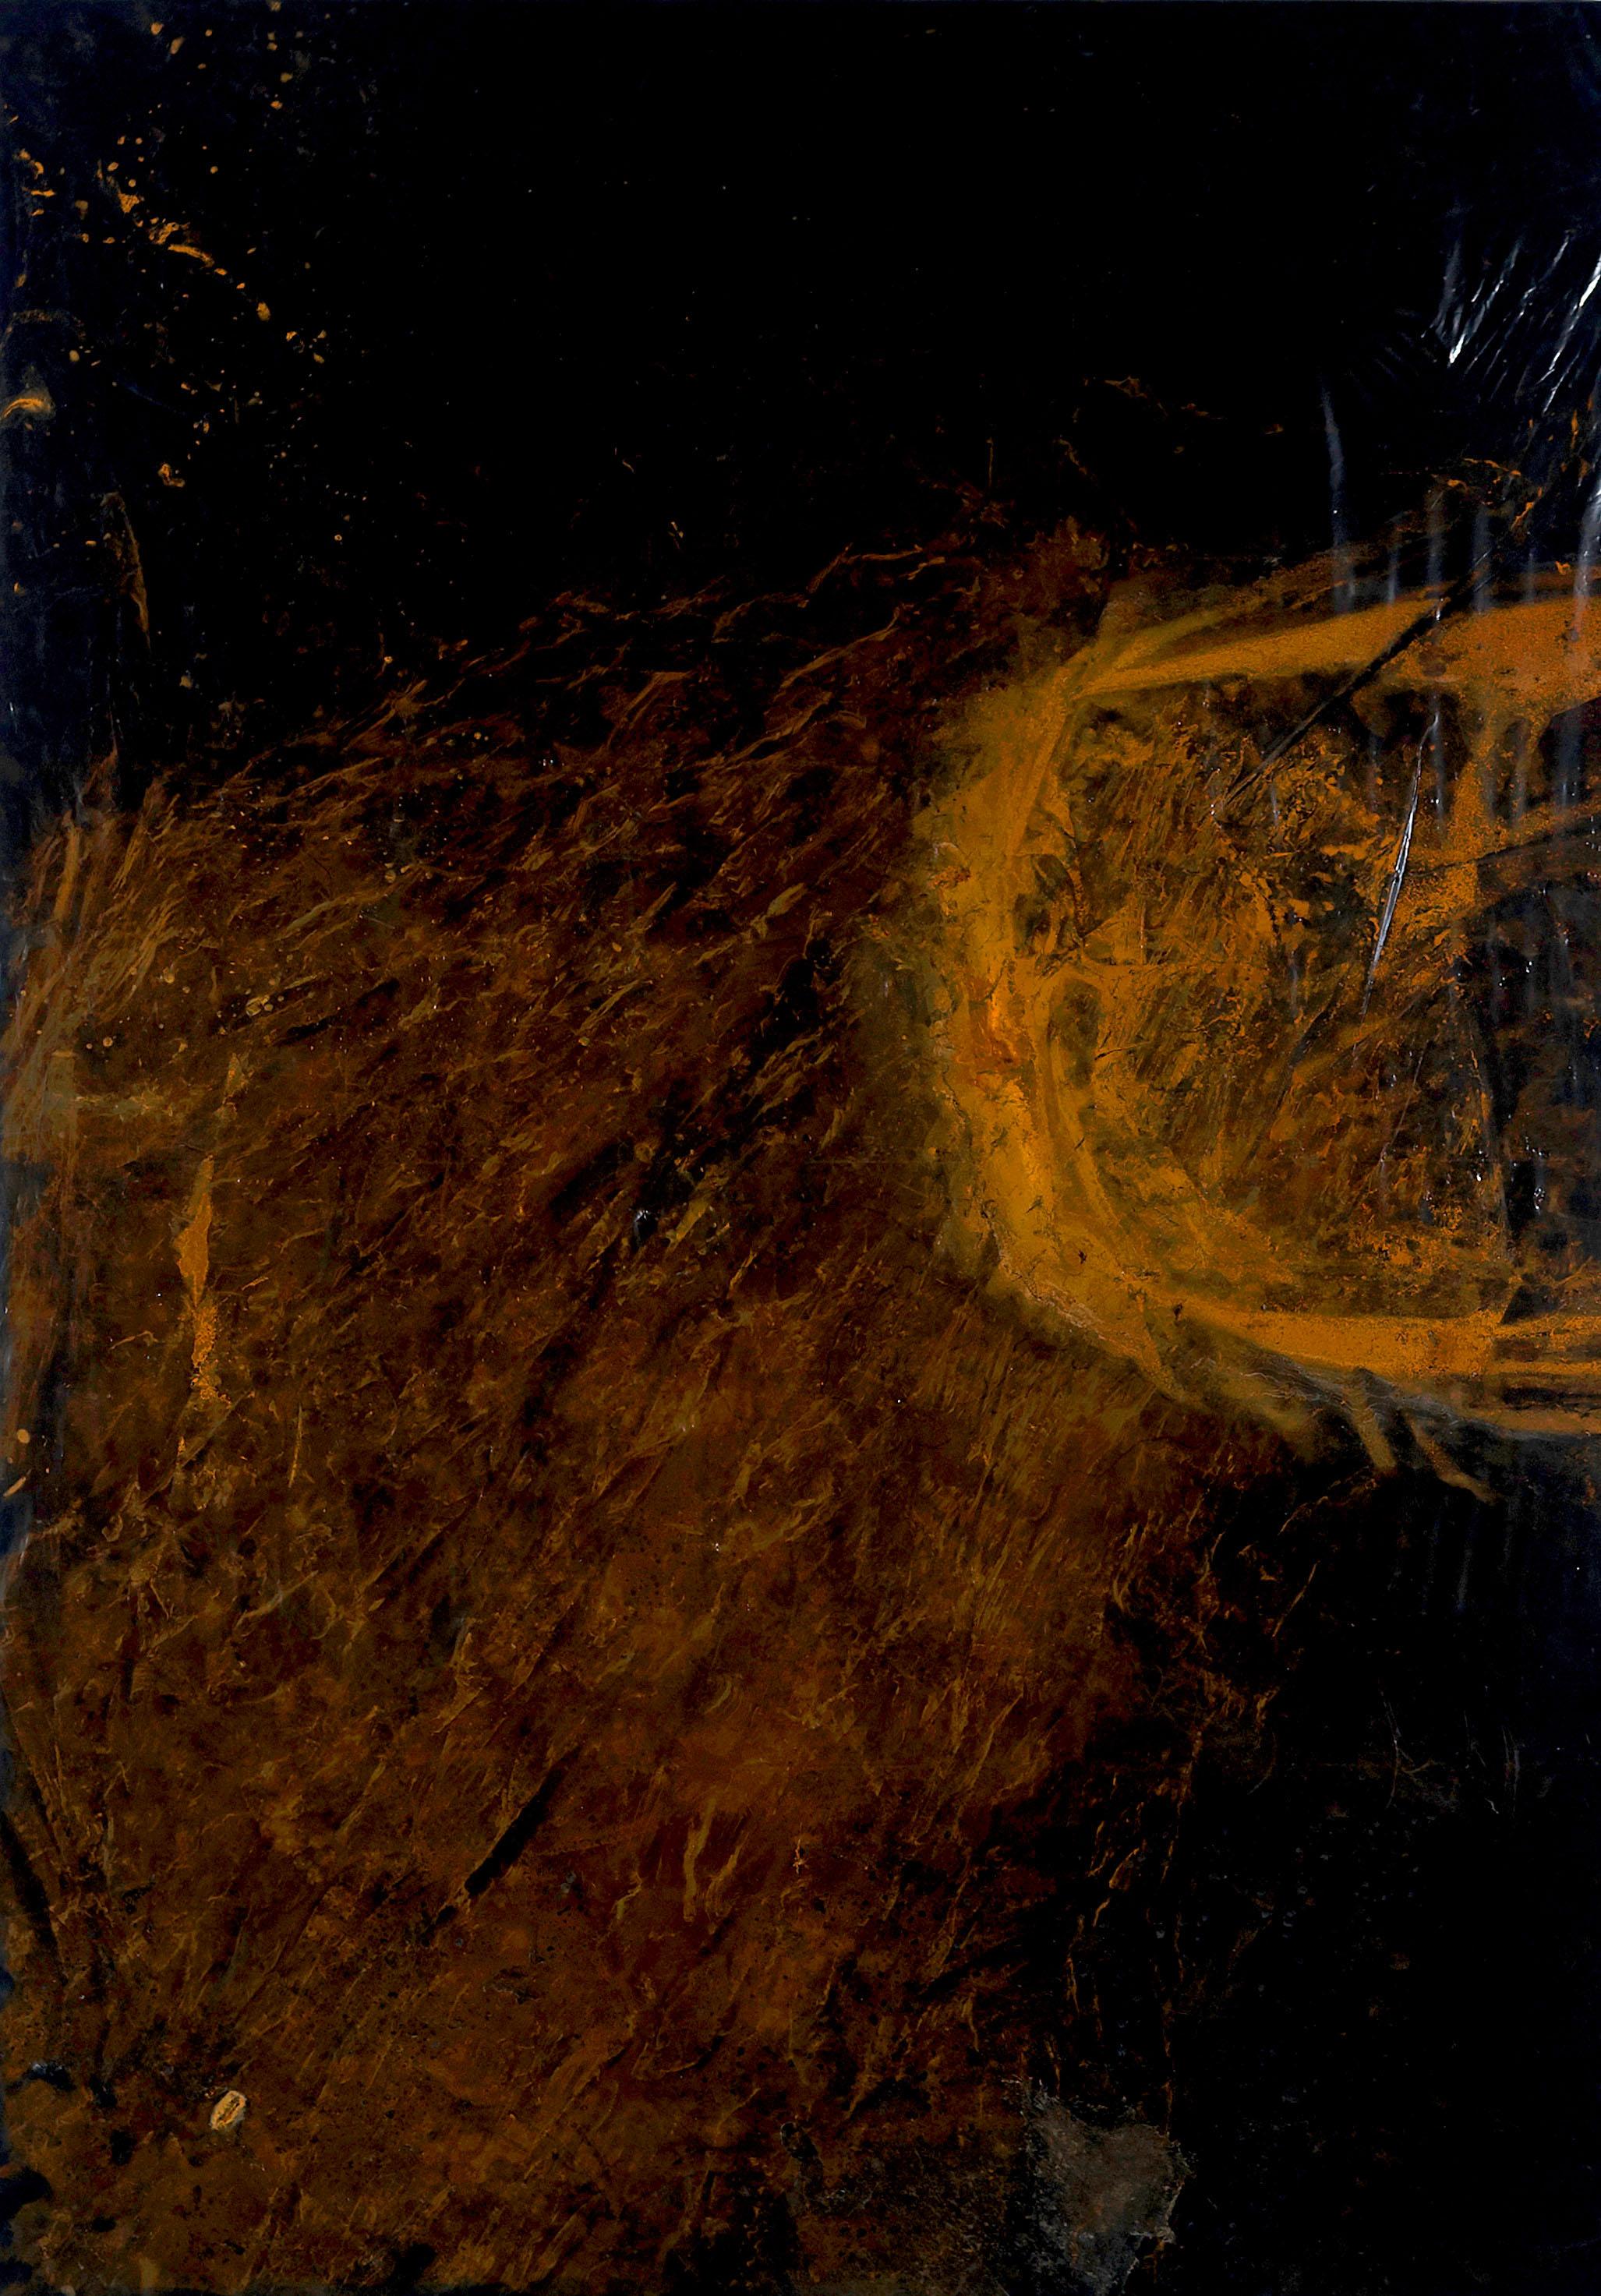 Valentina Palazzari, Senza titolo, 2016, ruggine su plastica,120 x 80cm